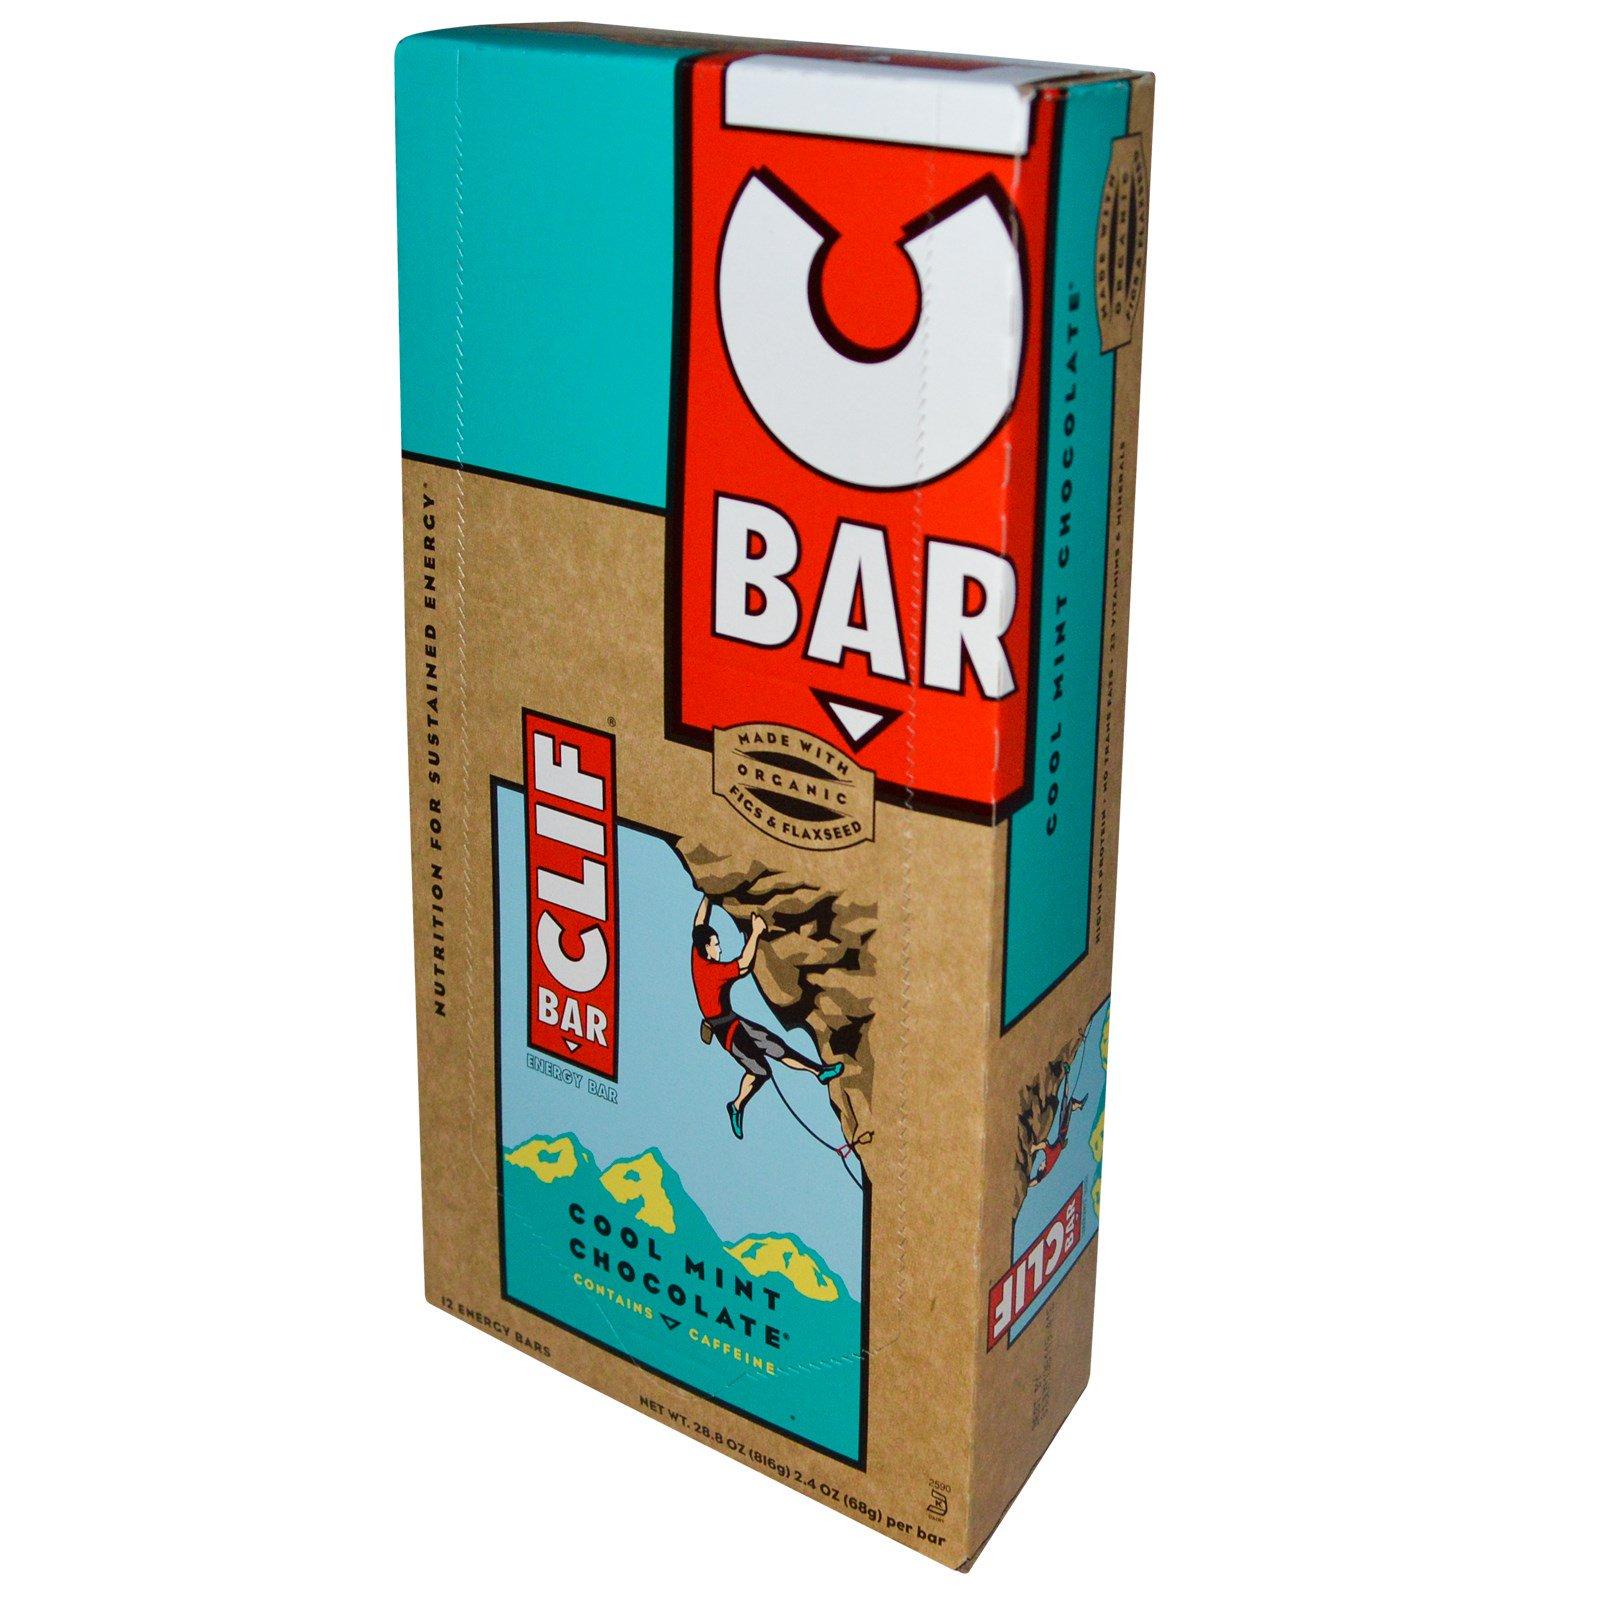 Clif Bar, Энергетические батончики с освежающим вкусом мятного шоколада, 12 шт. по  75г каждый